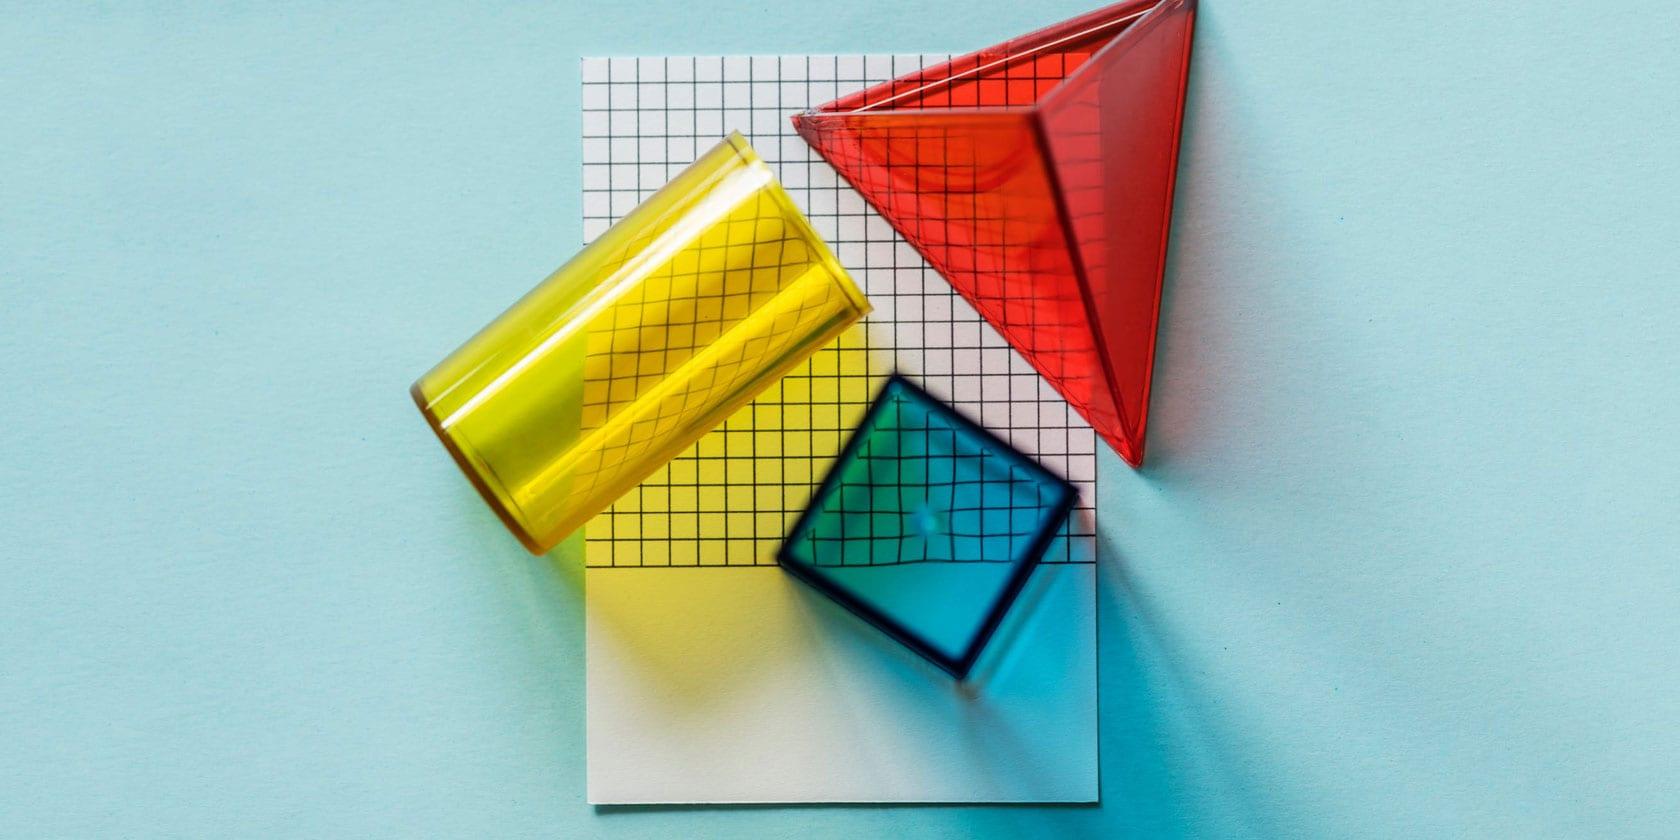 custom-shapes-photoshop